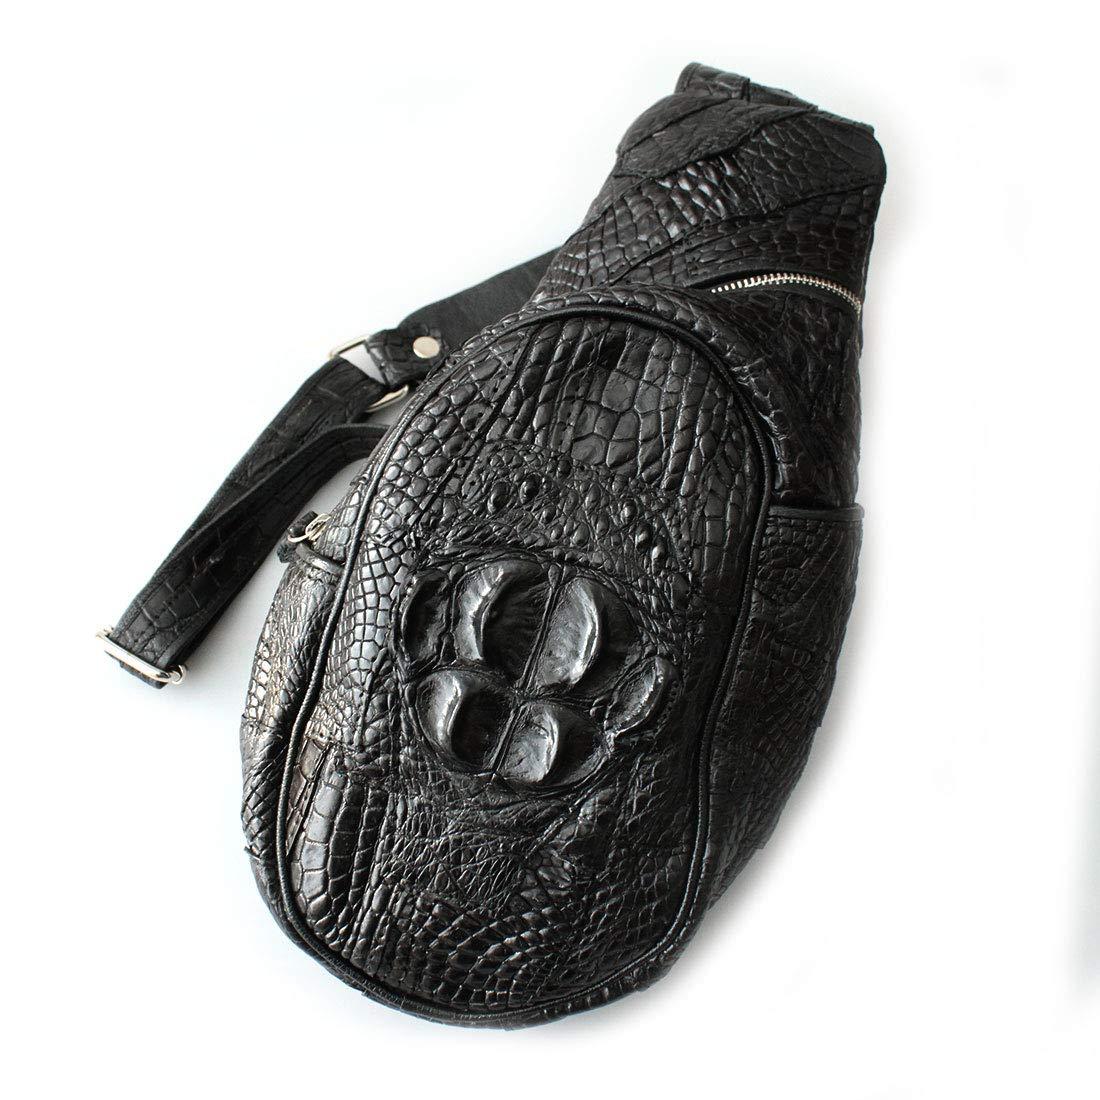 レザーバッグ ボディバッグ メンズ 本革 鰐革 クロコダイル パッチワーク加工 クラウン ブラック ダークブラウン B07NBP3CN4 ブラック